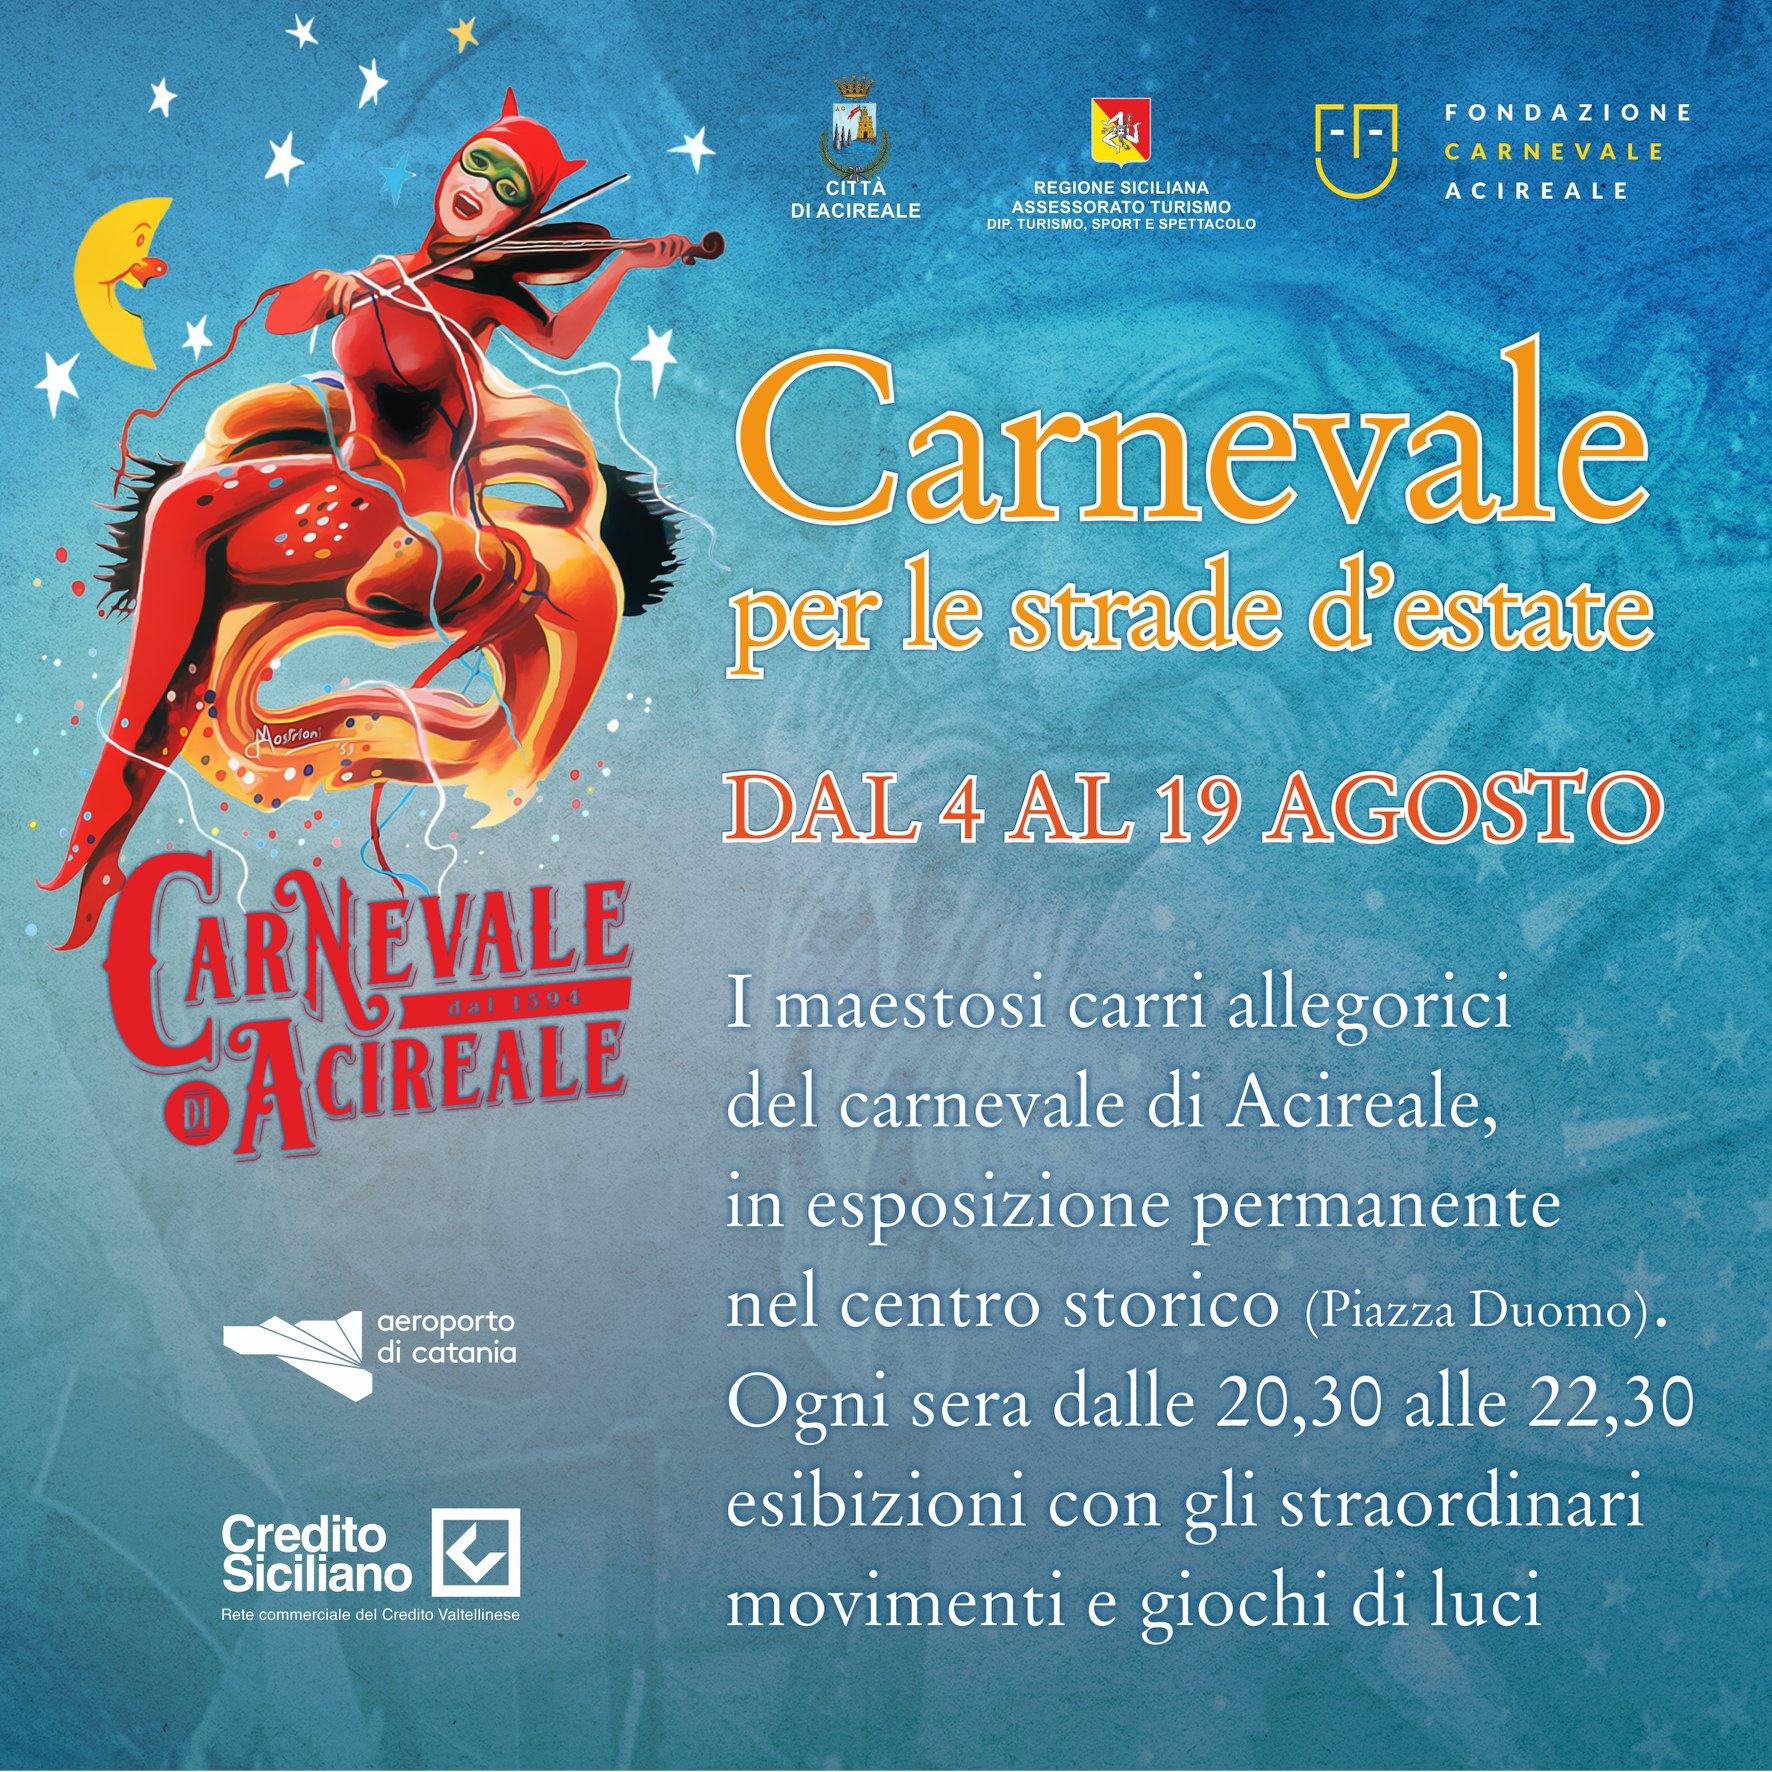 fondazione_del_carnevale_acireale_approfondimento_1